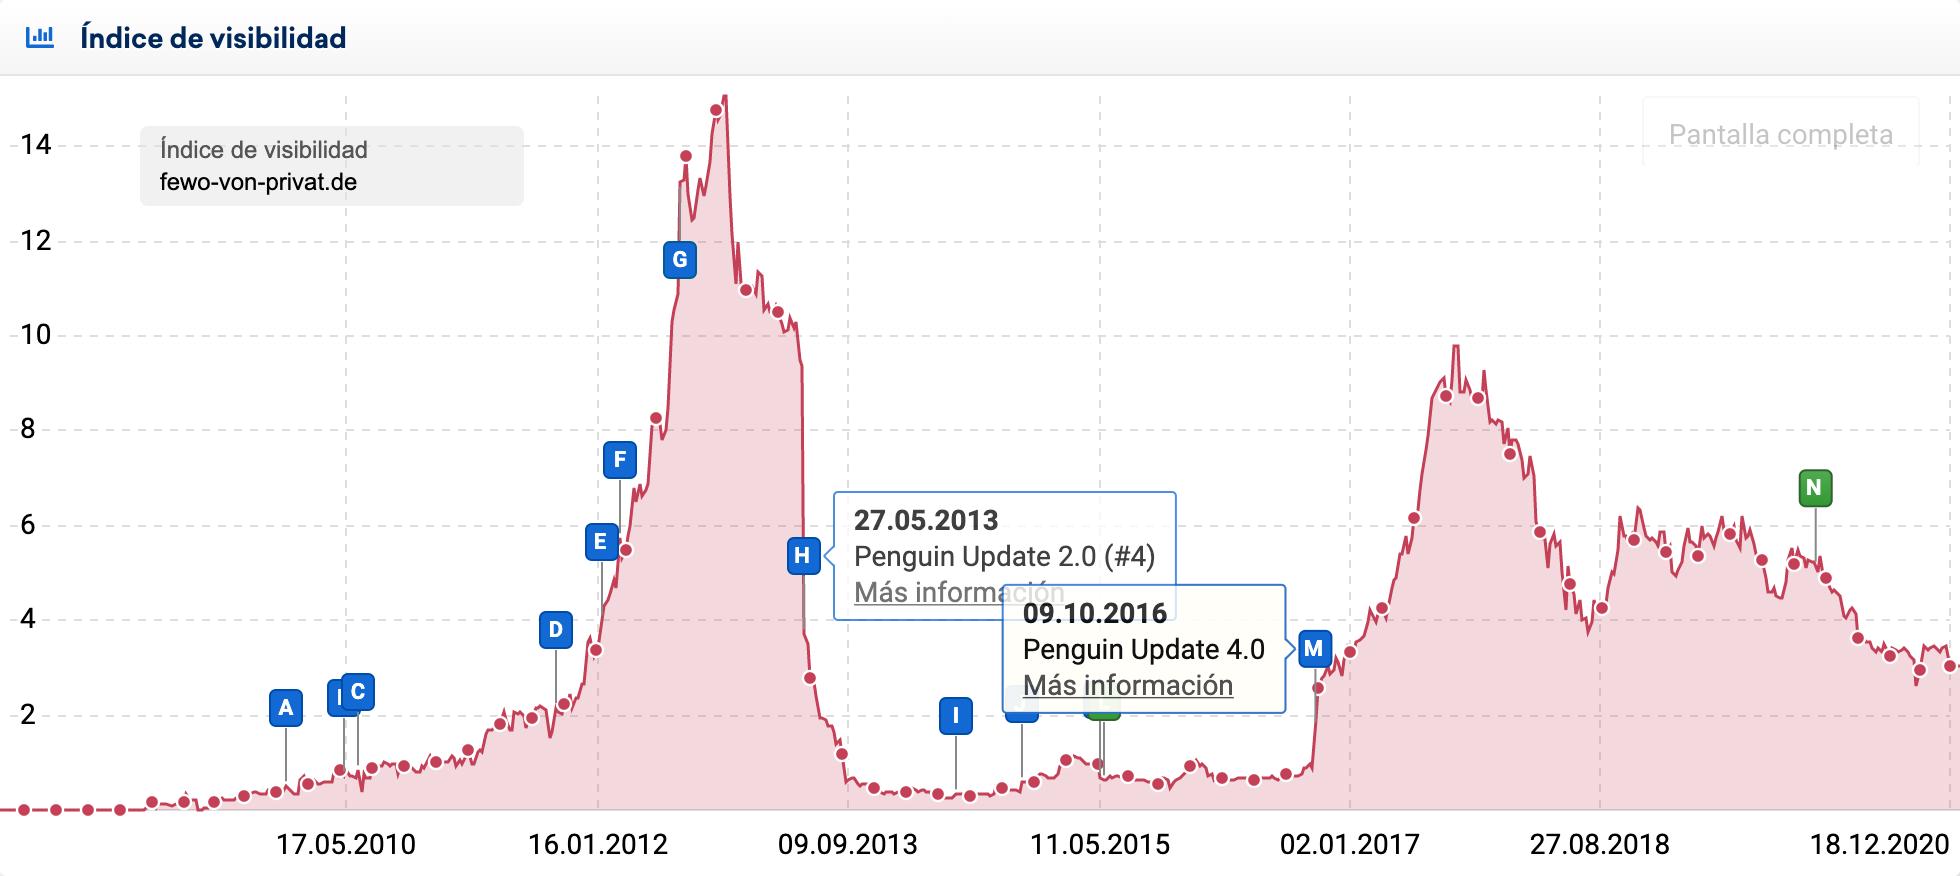 Gráfica del índice de visibilidad del dominio alemán fewo-von-privat.de que trabajando en su perfil de enlaces fue despenalizado con la sucesiva actualización de datos de Penguin 4.0.